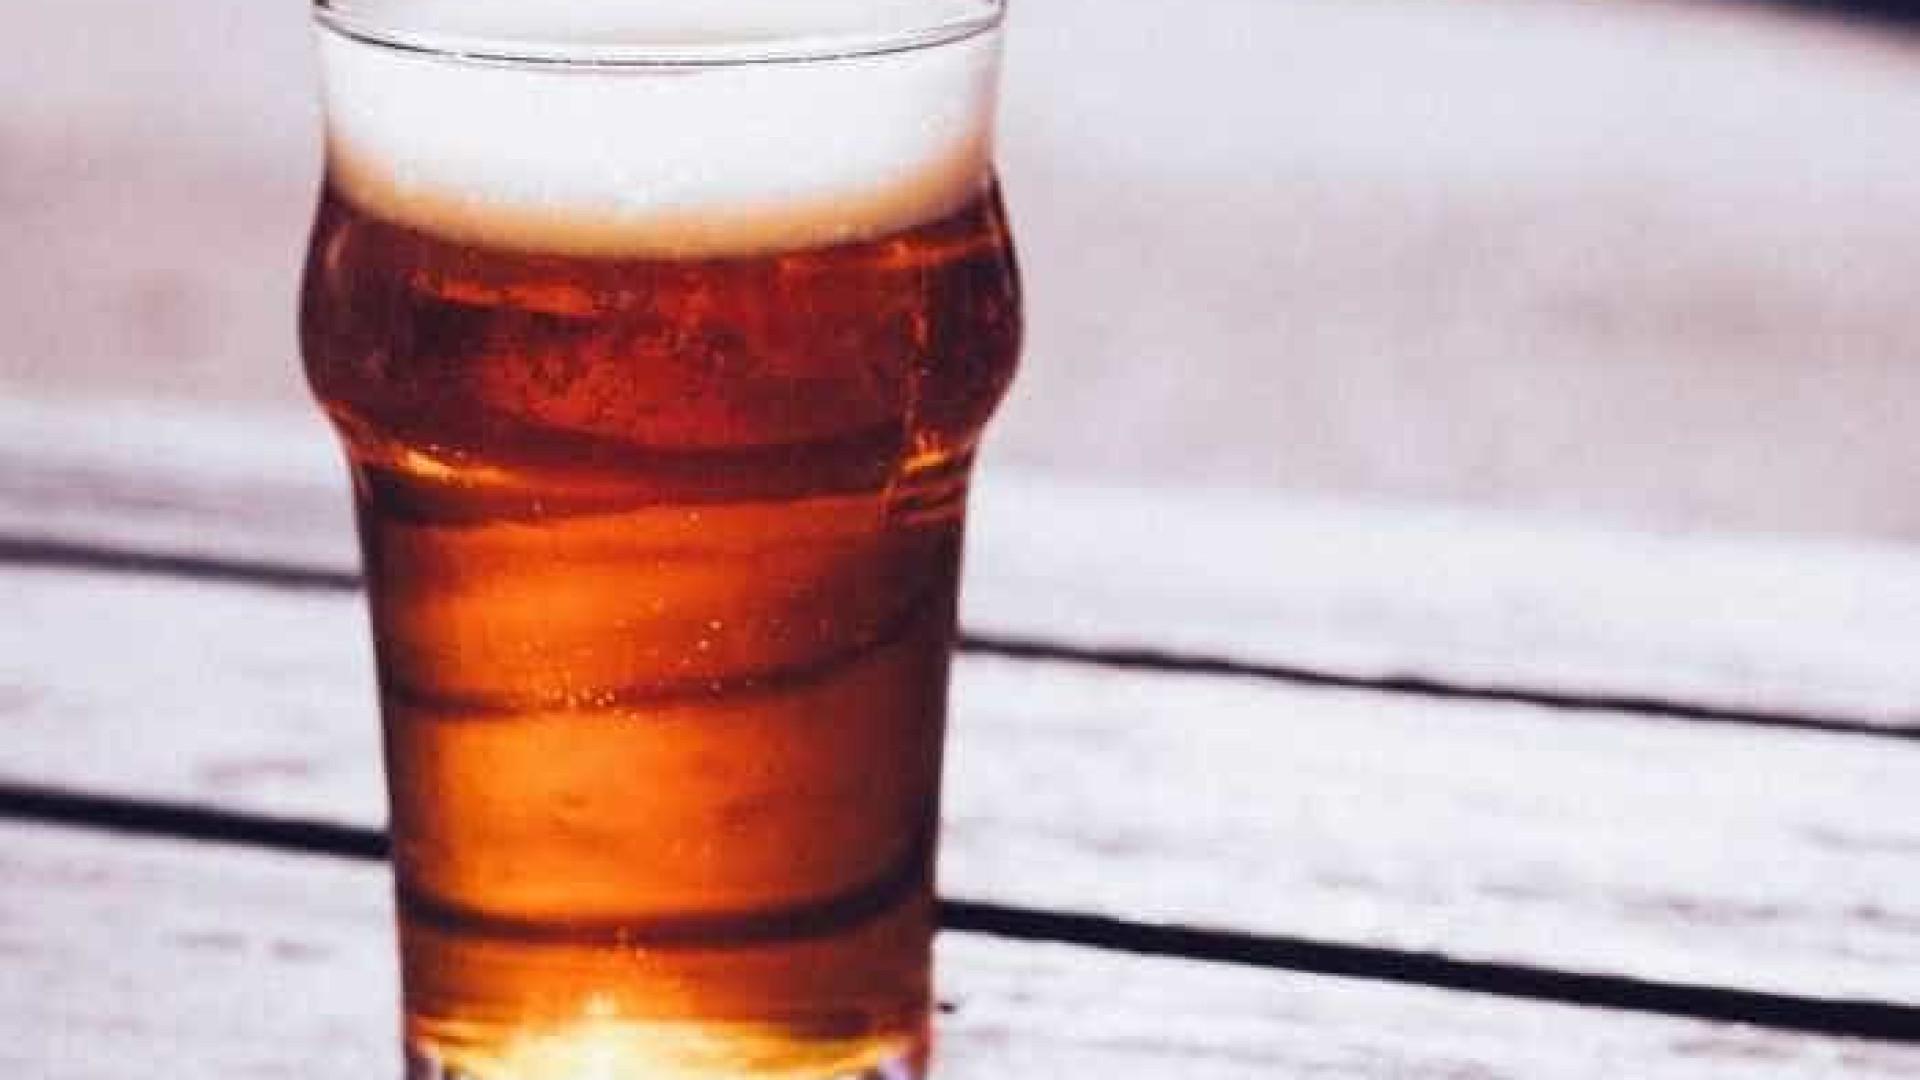 Conheça as 10 melhores cervejas do mundo